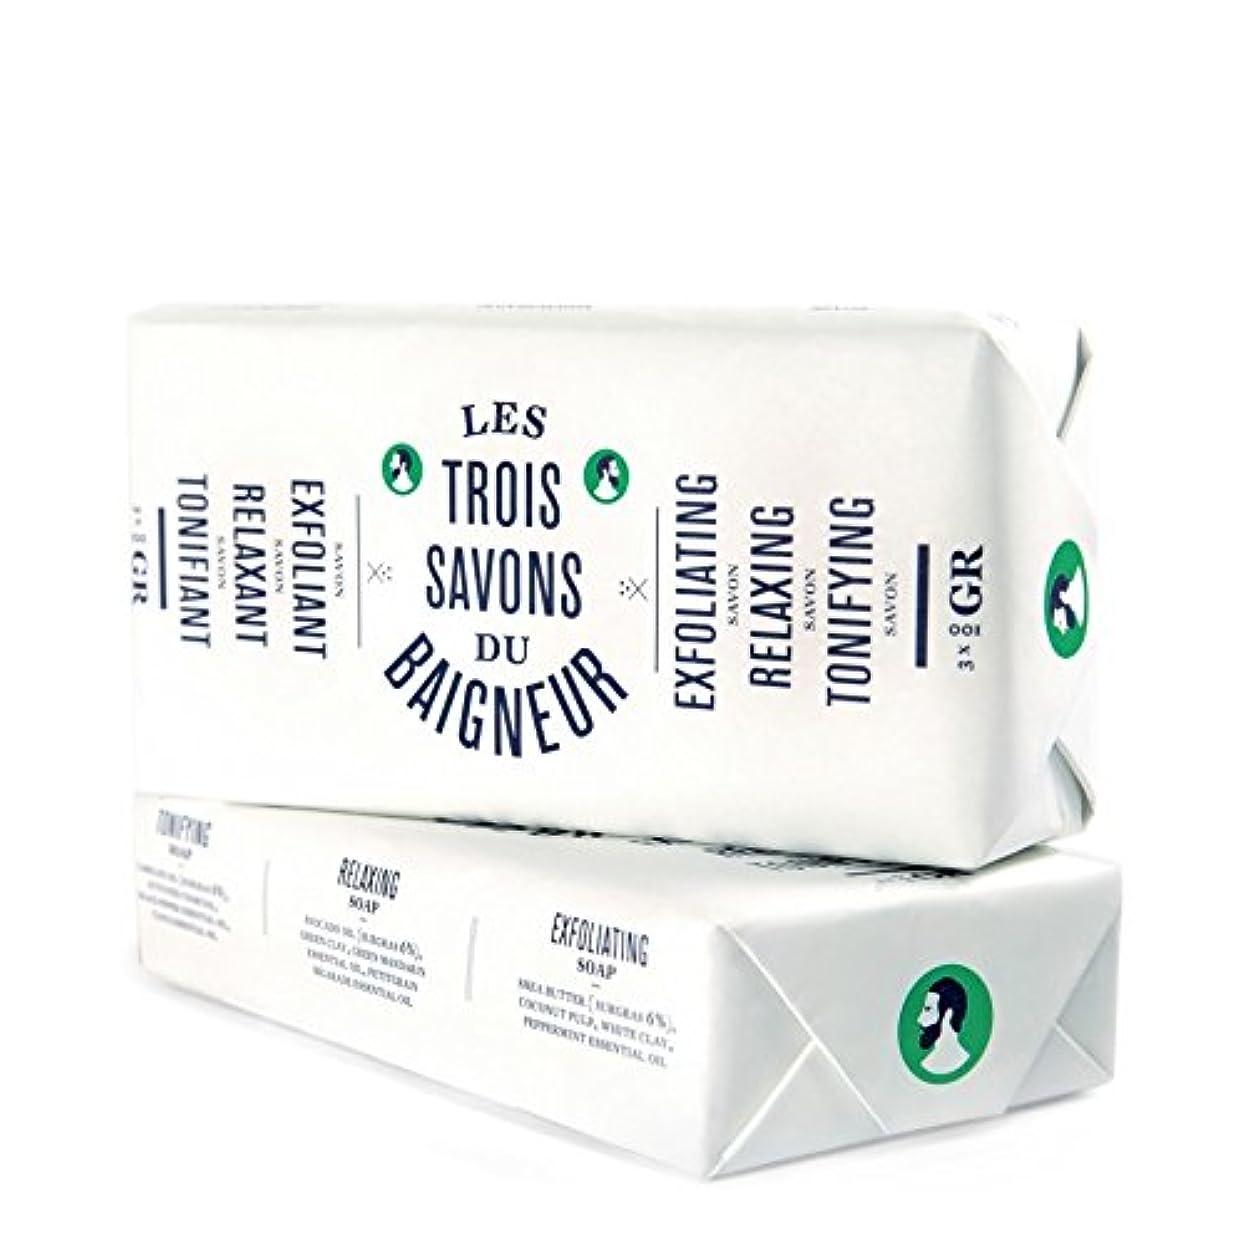 クーポンスキーム甘味ル石鹸セット300グラム x2 - Le Baigneur Soap Set 300g (Pack of 2) [並行輸入品]